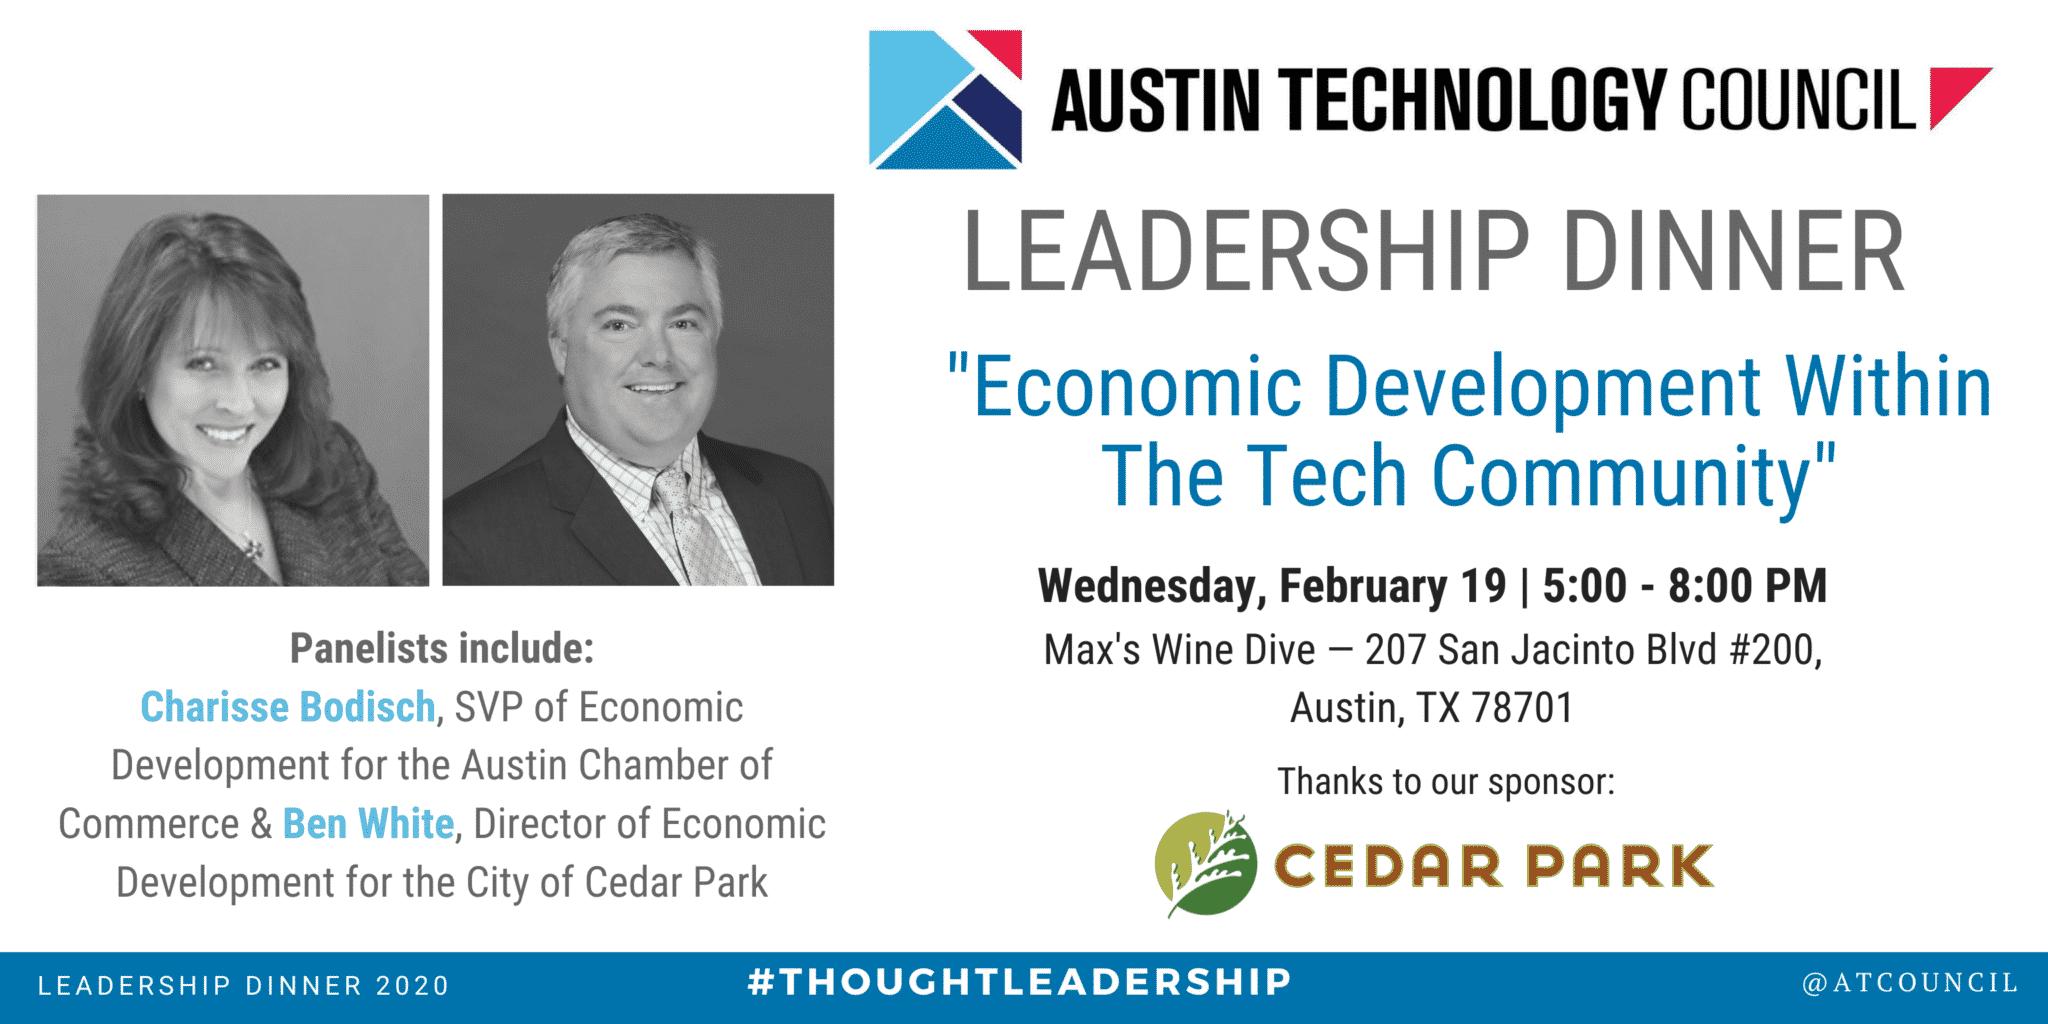 Austin Technology Council: February Leadership Dinner